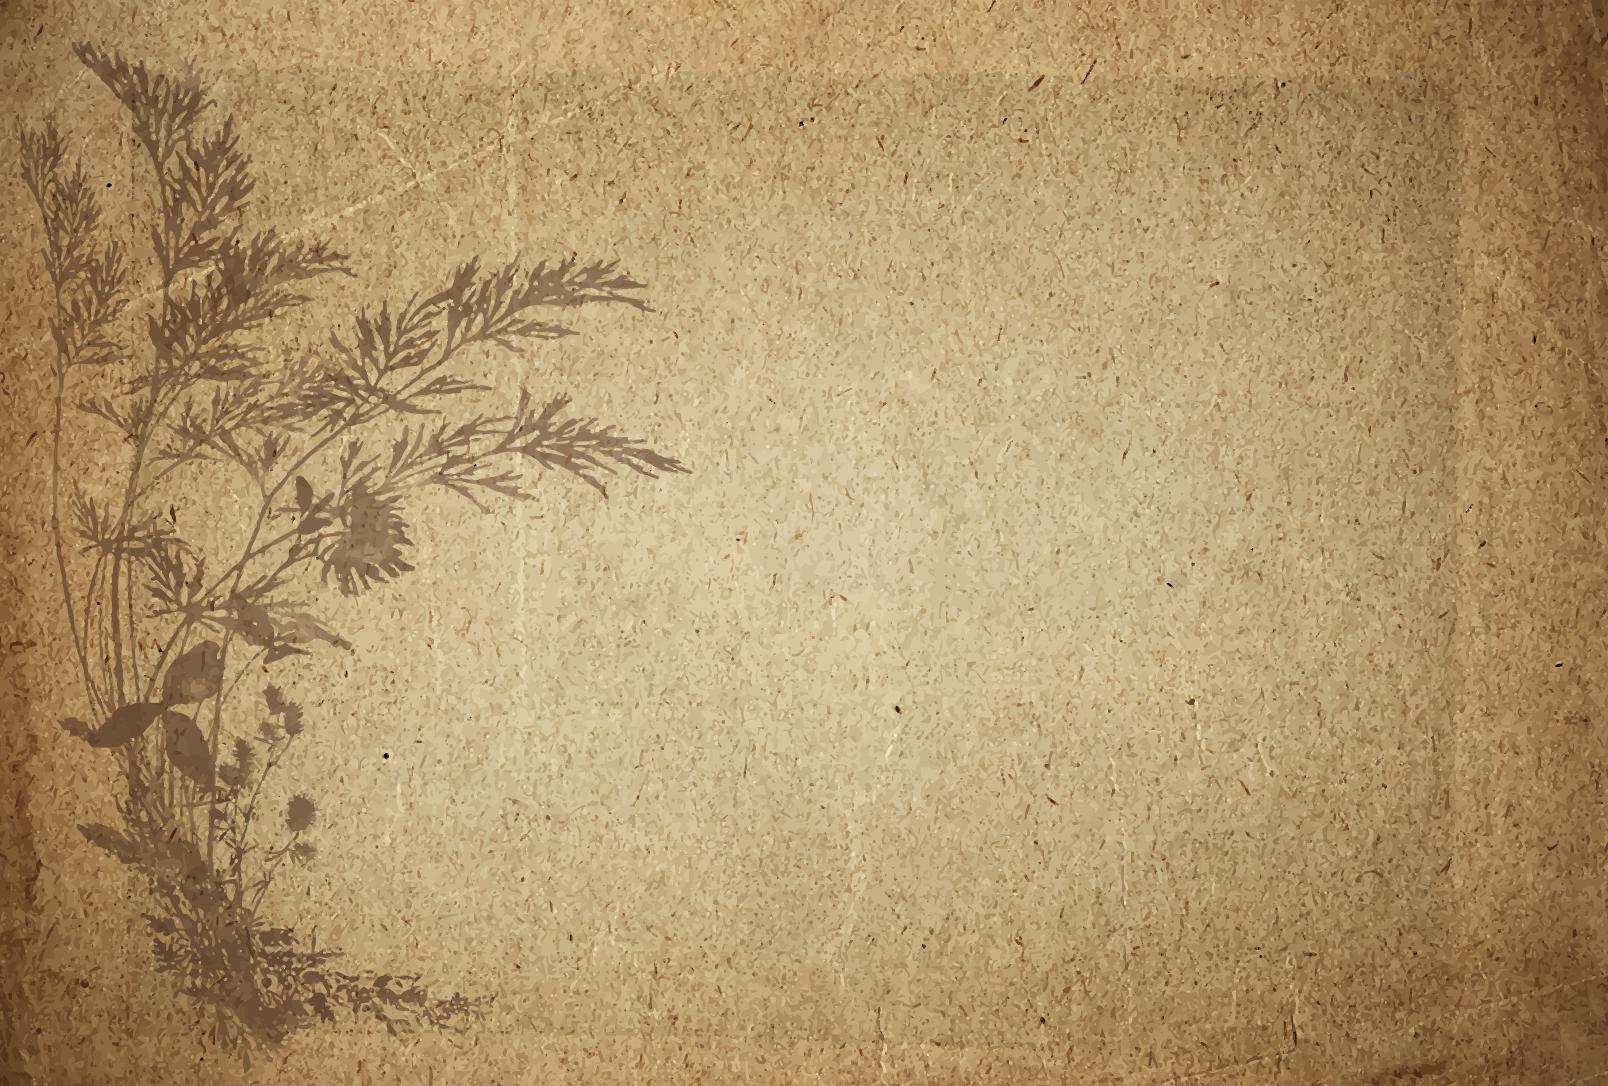 Background tranh giấy cũ